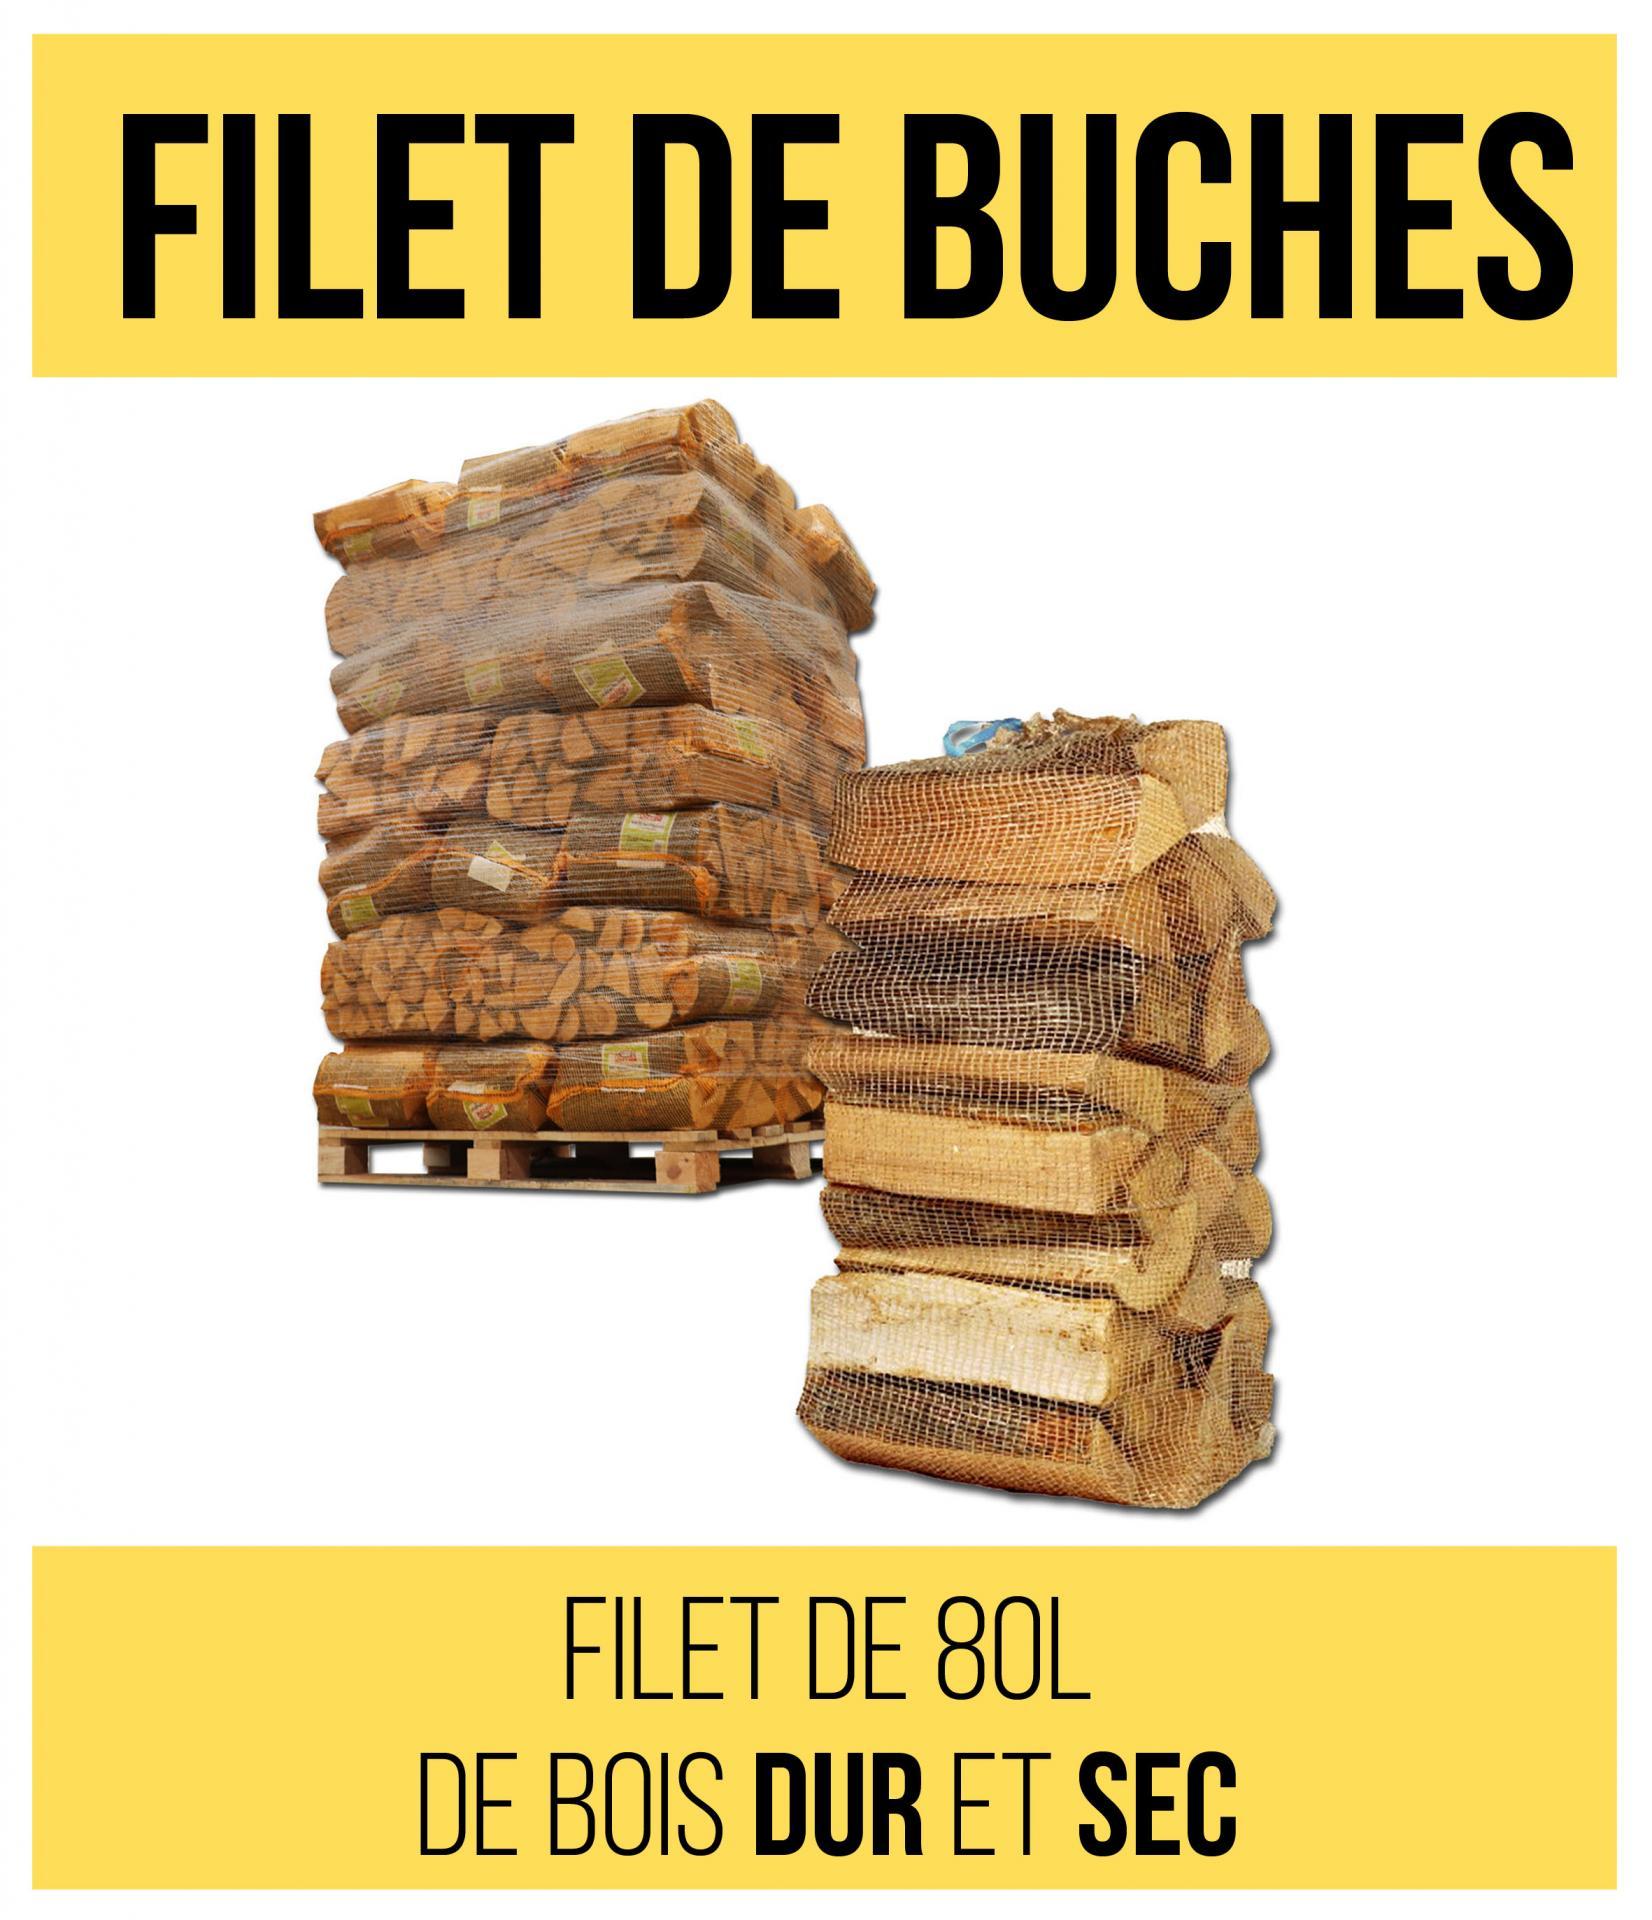 Filet de buches